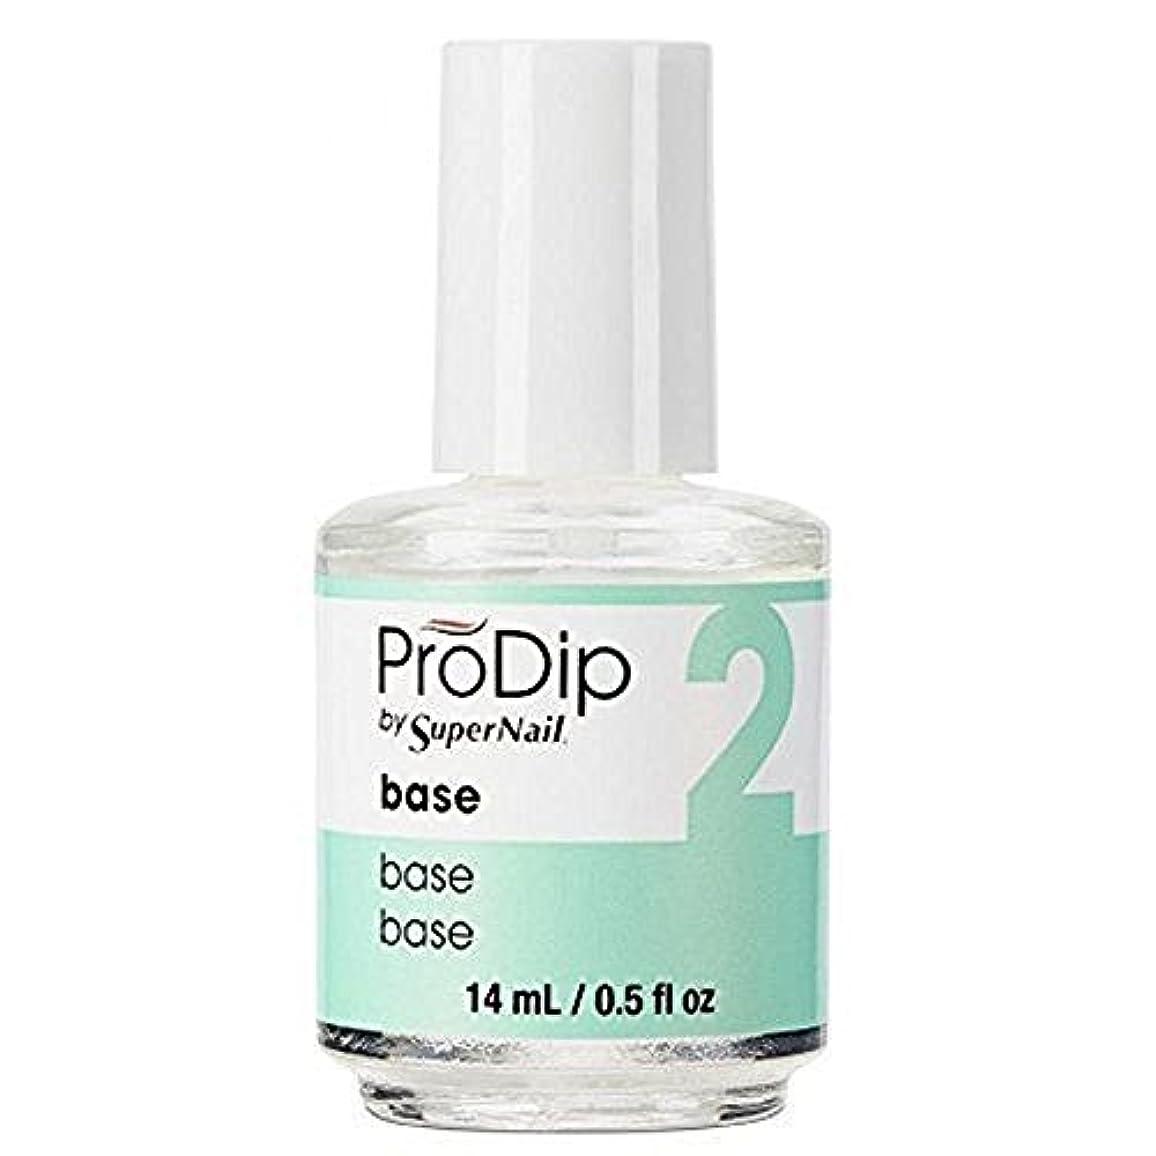 SuperNail ProDip - Base - 14 ml/0.5 oz